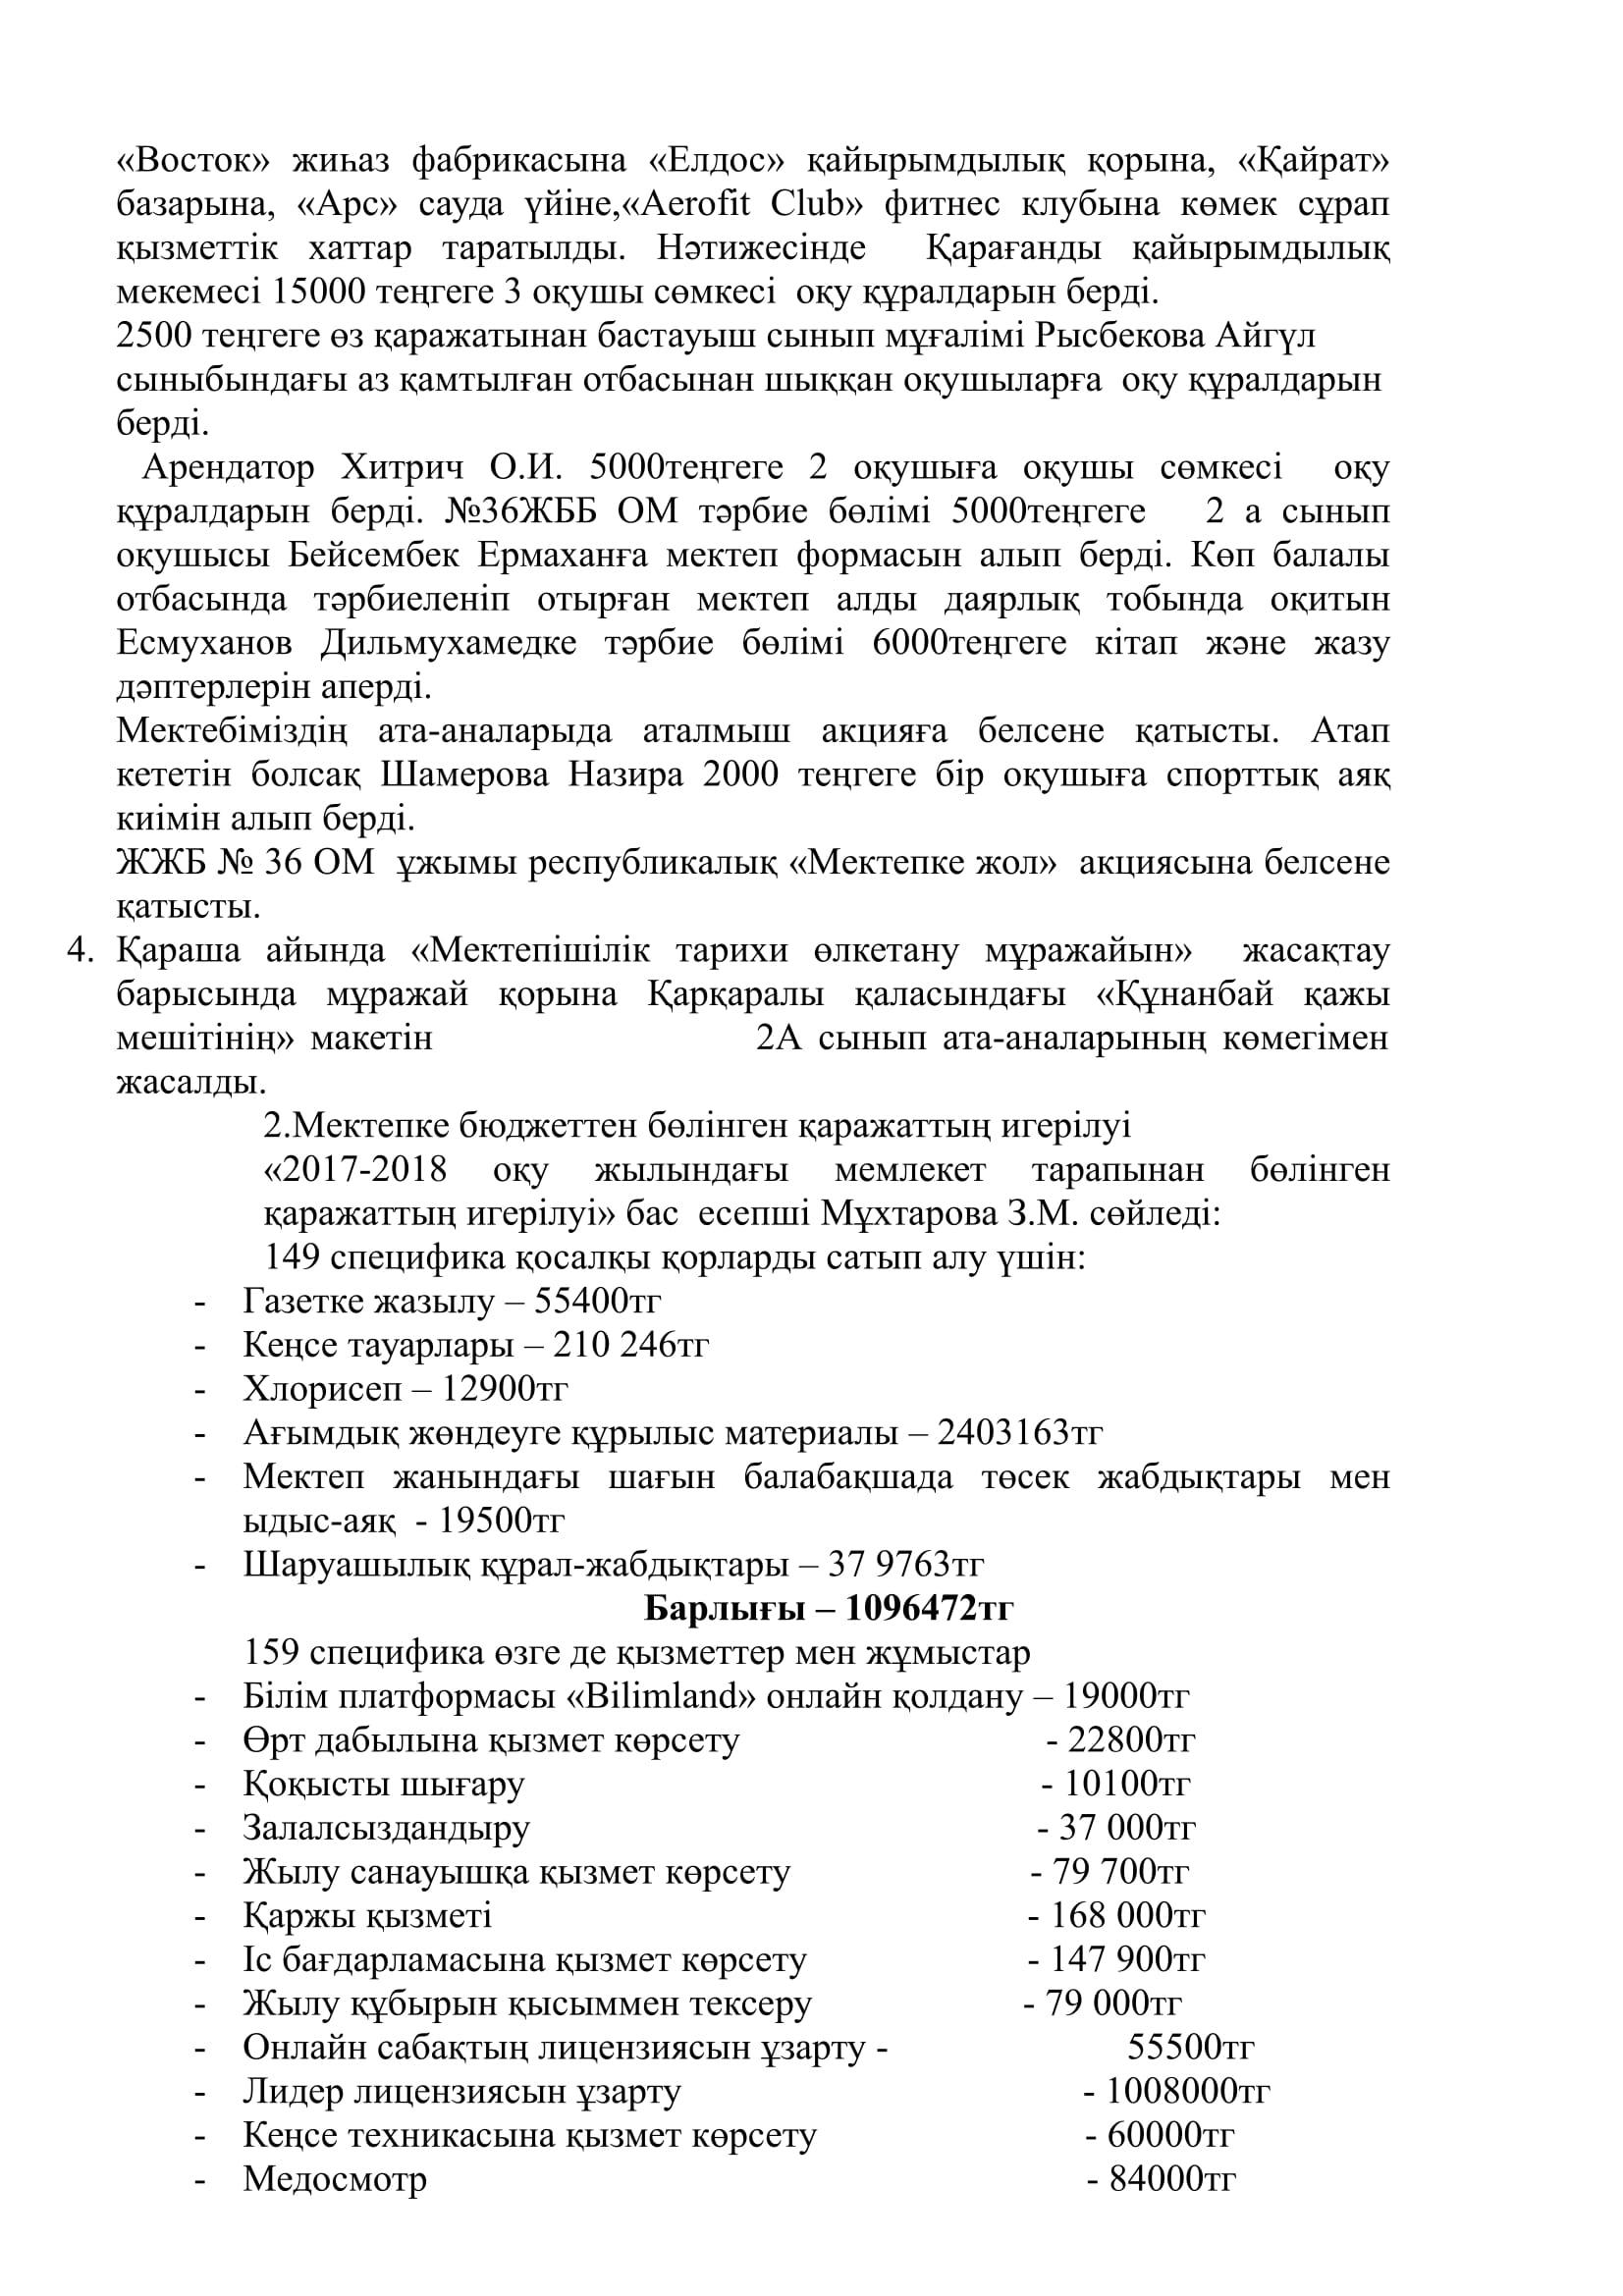 СОШ№36 ХАТТАМА — 2018-2019-02.jpg